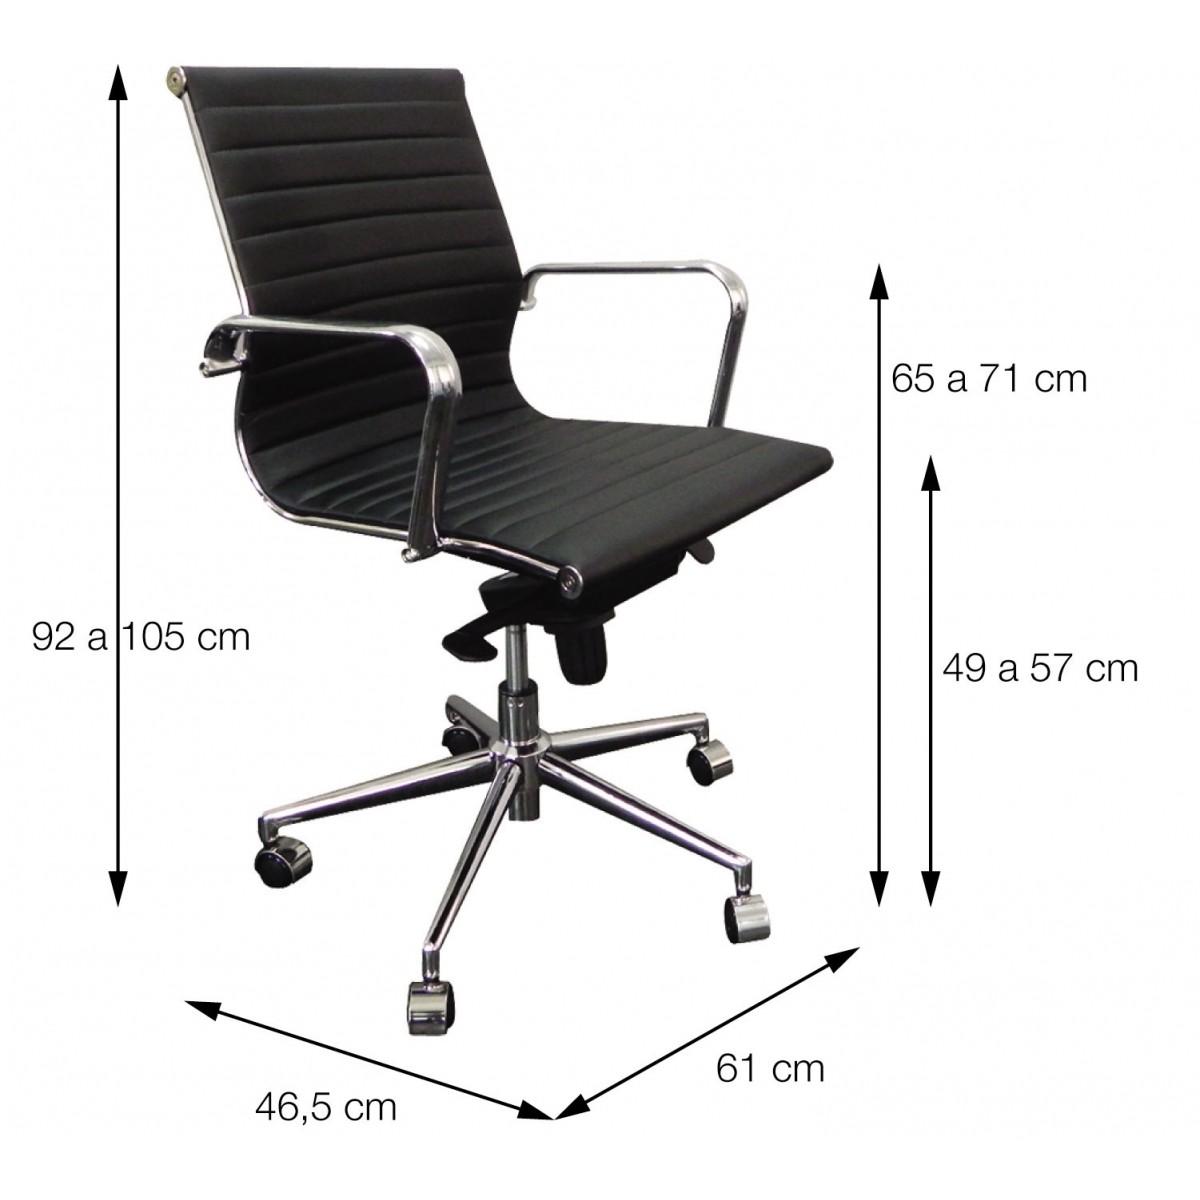 Cadeira Office Esteirinha Baixa Retrô OR Design